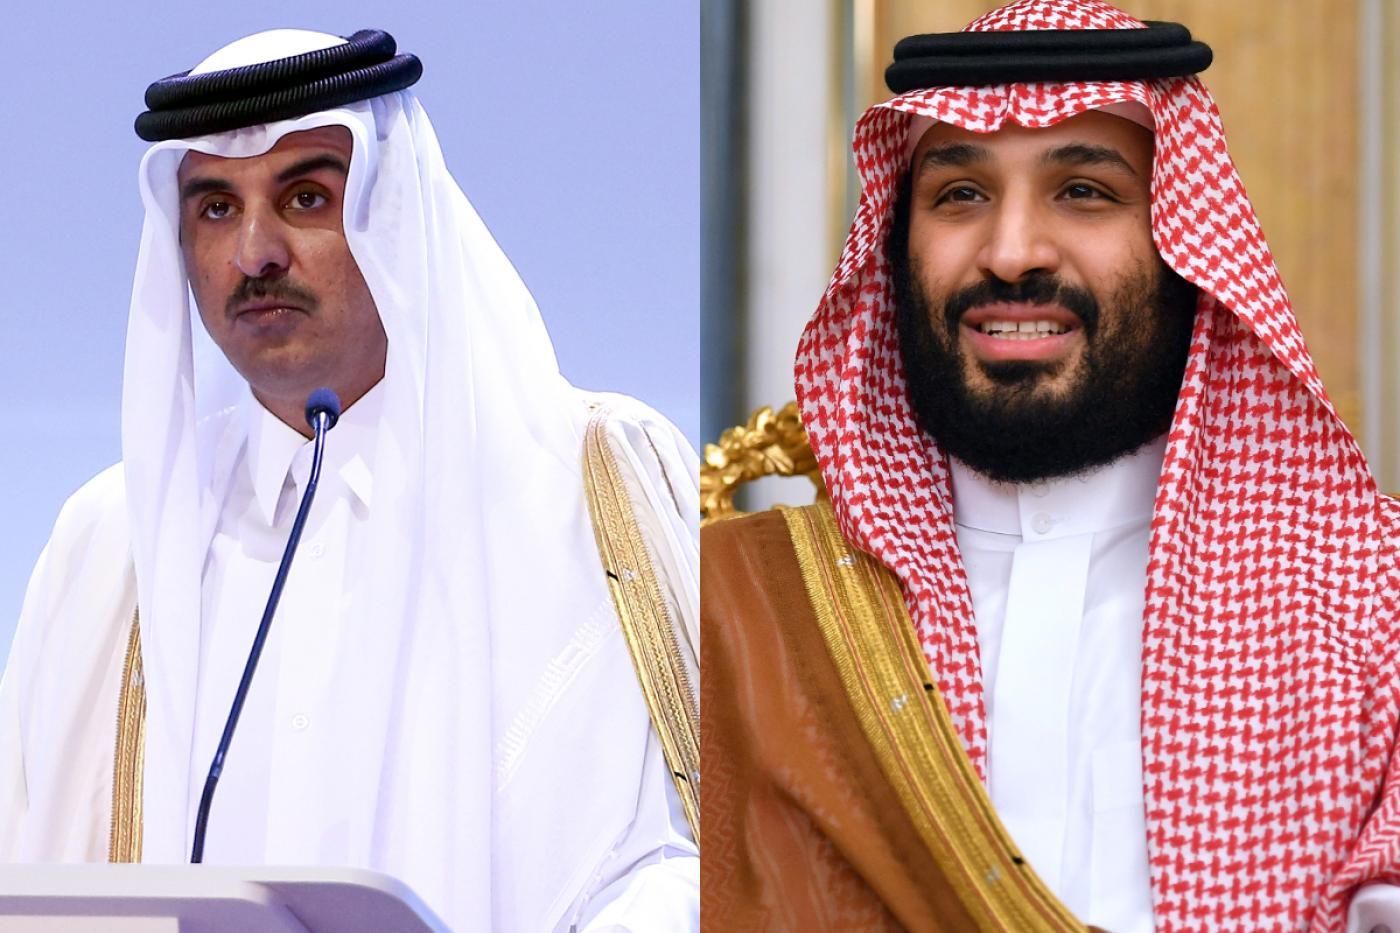 تقرير: بماذا تفكر دول الخليج (قطر والإمارات والسعودية) بعد الانسحاب من أفغانستان!؟